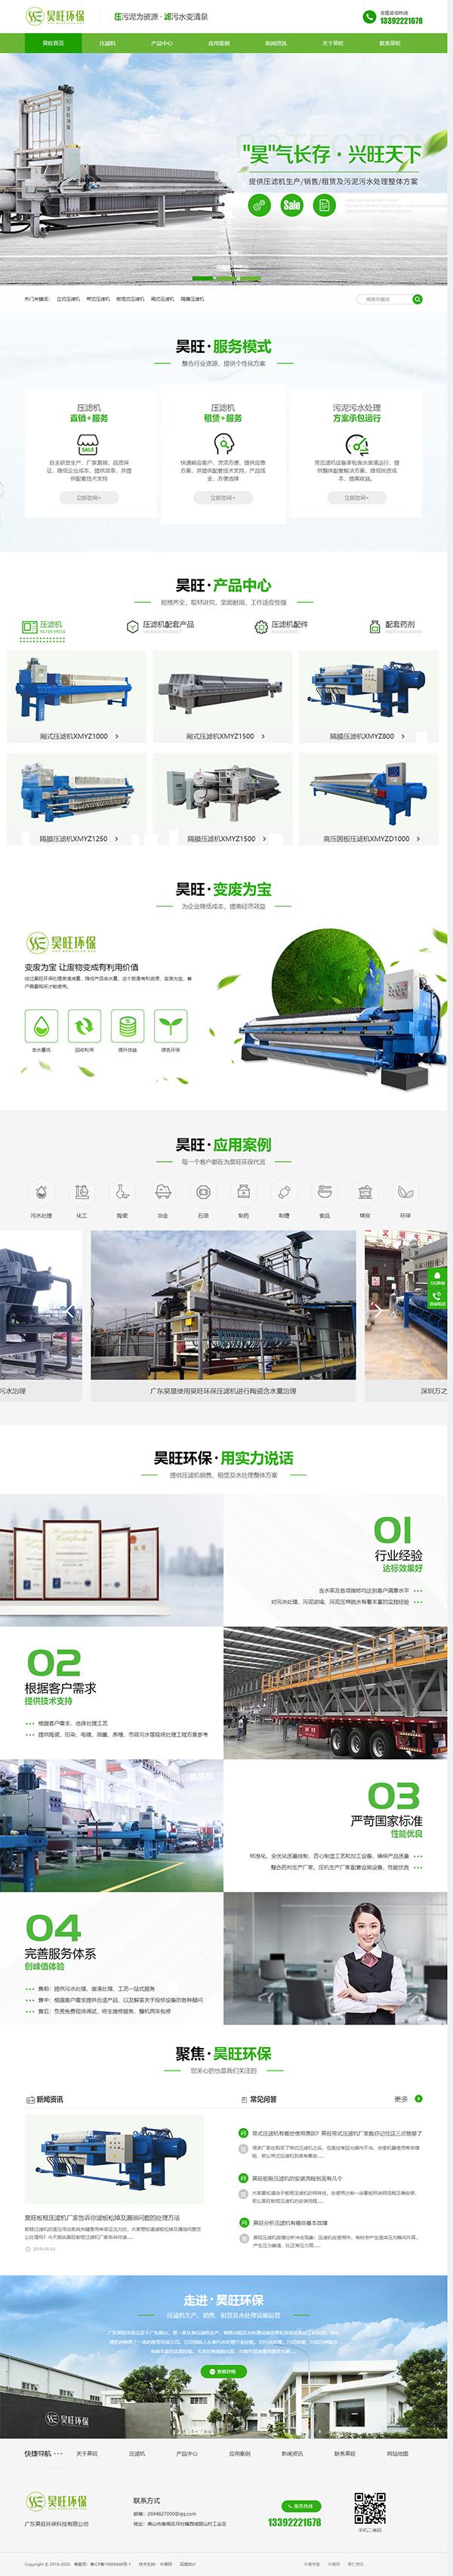 环保设备龙8国际龙88型龙8国际官网首页案例